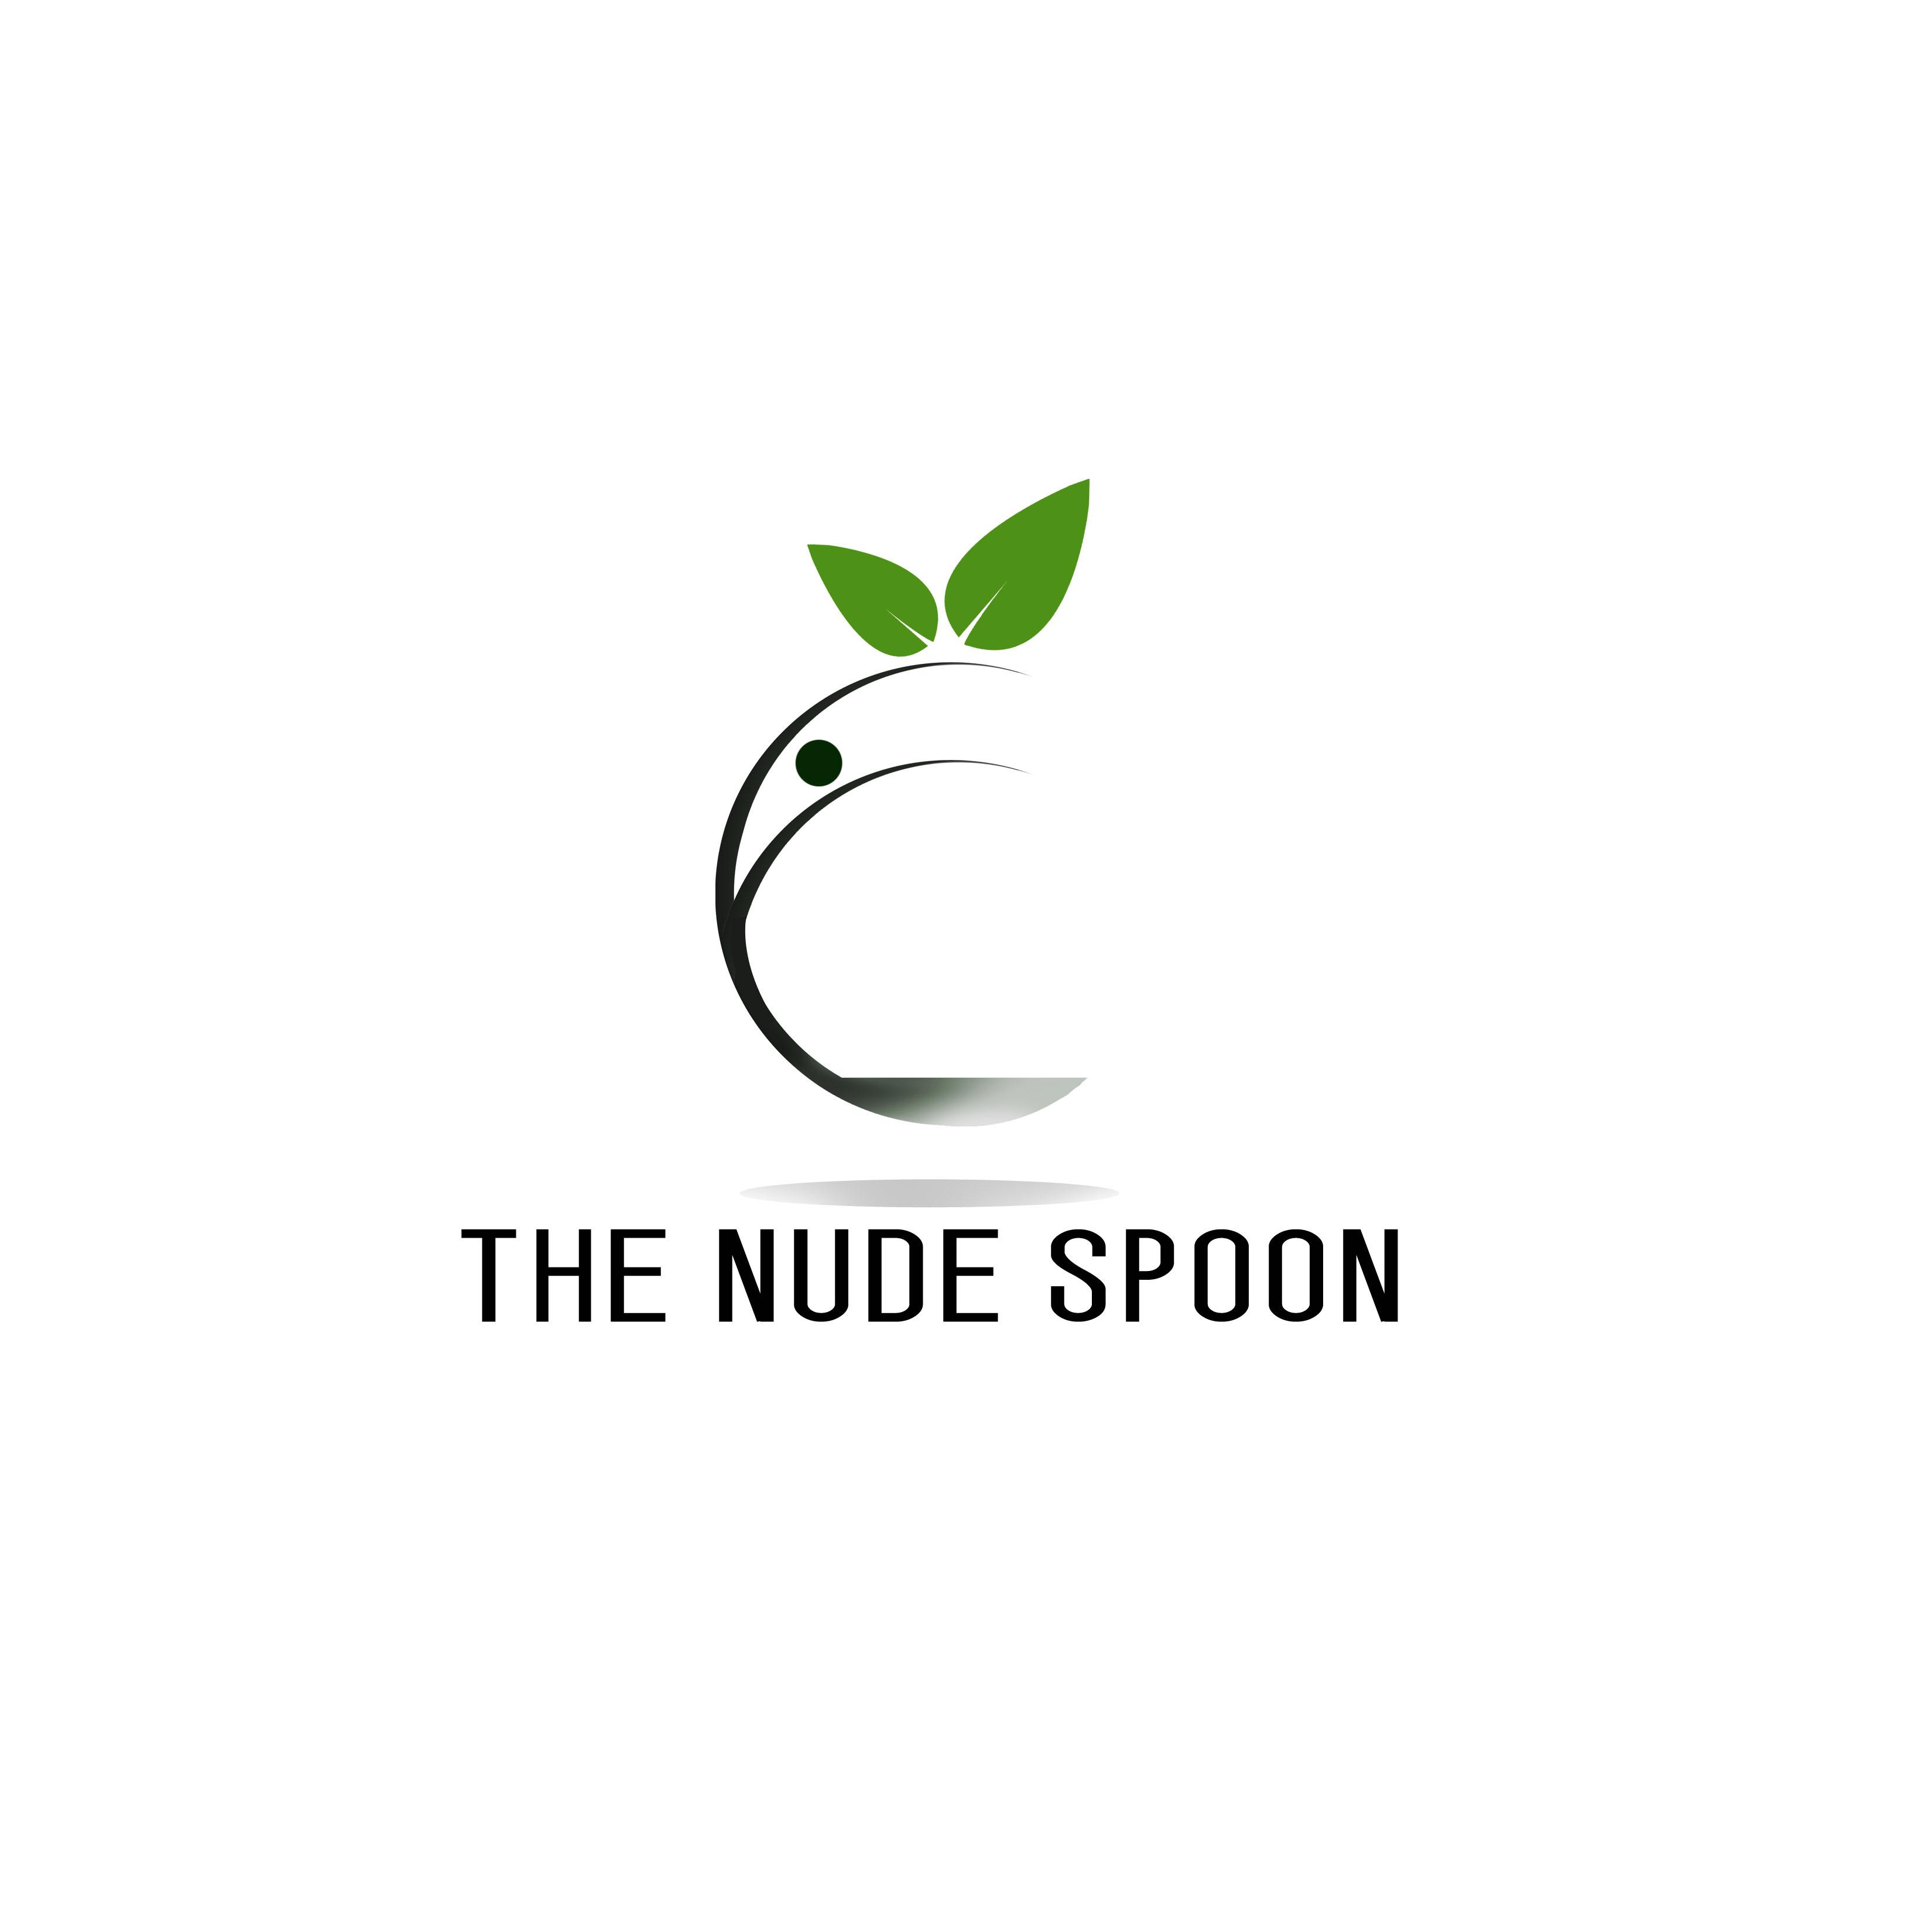 Logo Design by Allan Esclamado - Entry No. 41 in the Logo Design Contest Captivating Logo Design for The Nude Spoon.